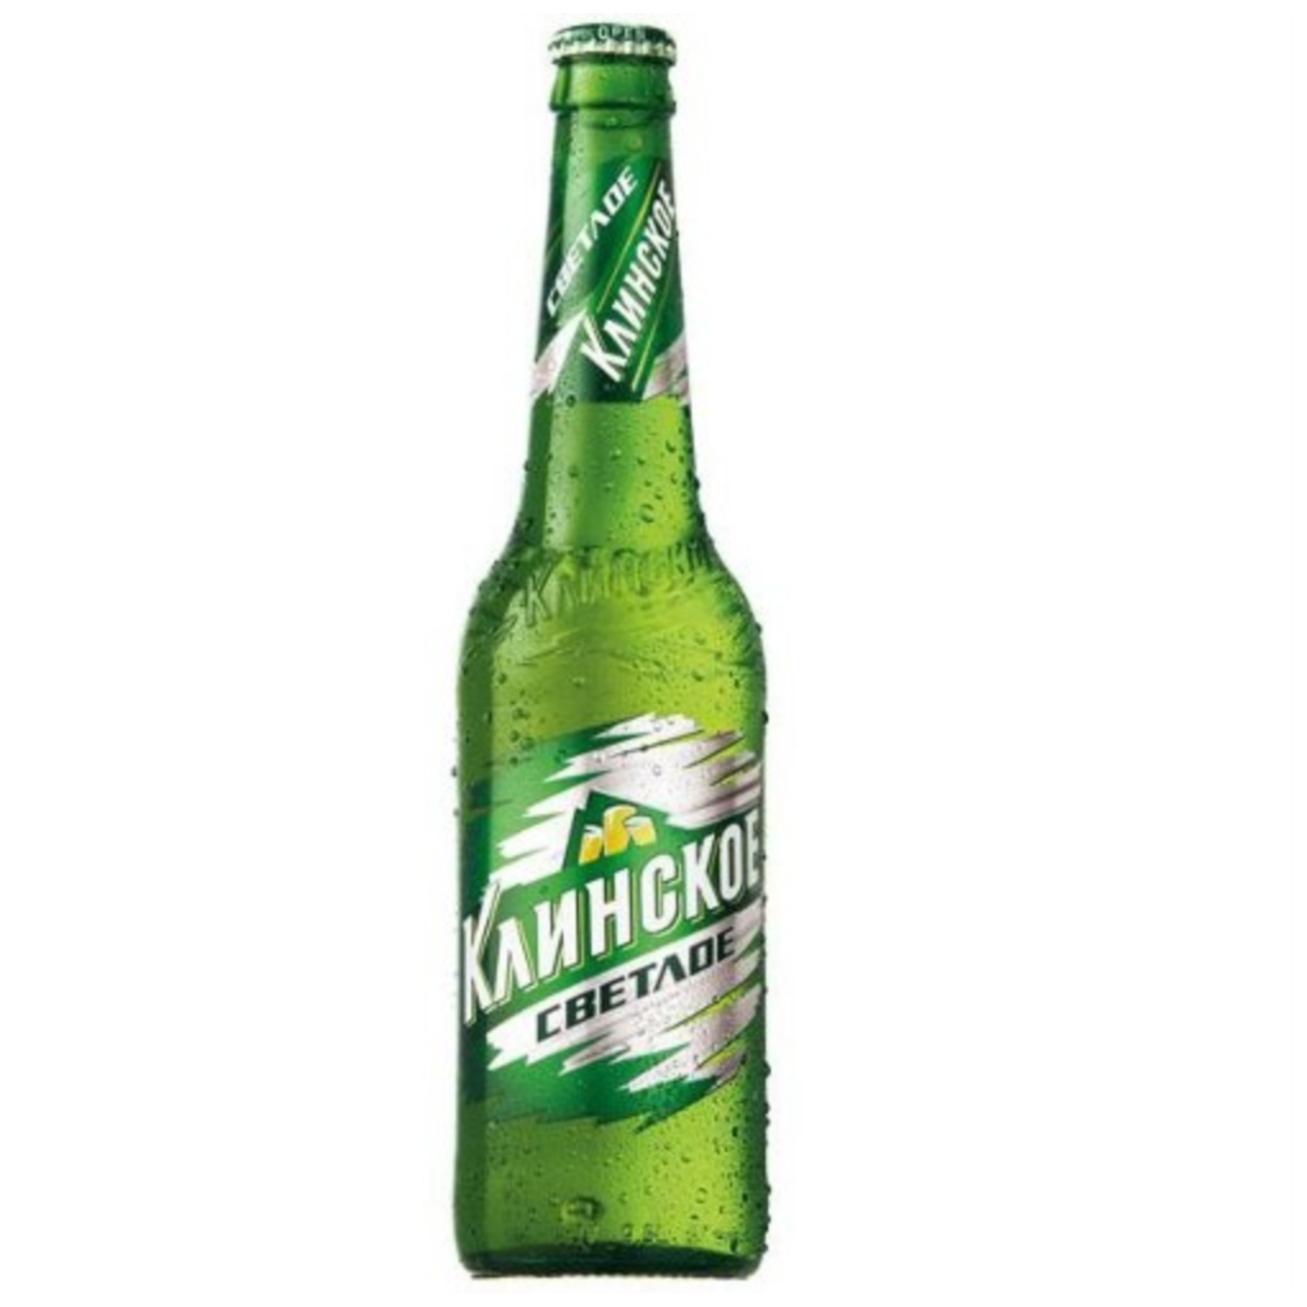 Пиво Клинское Светлое 4,7%